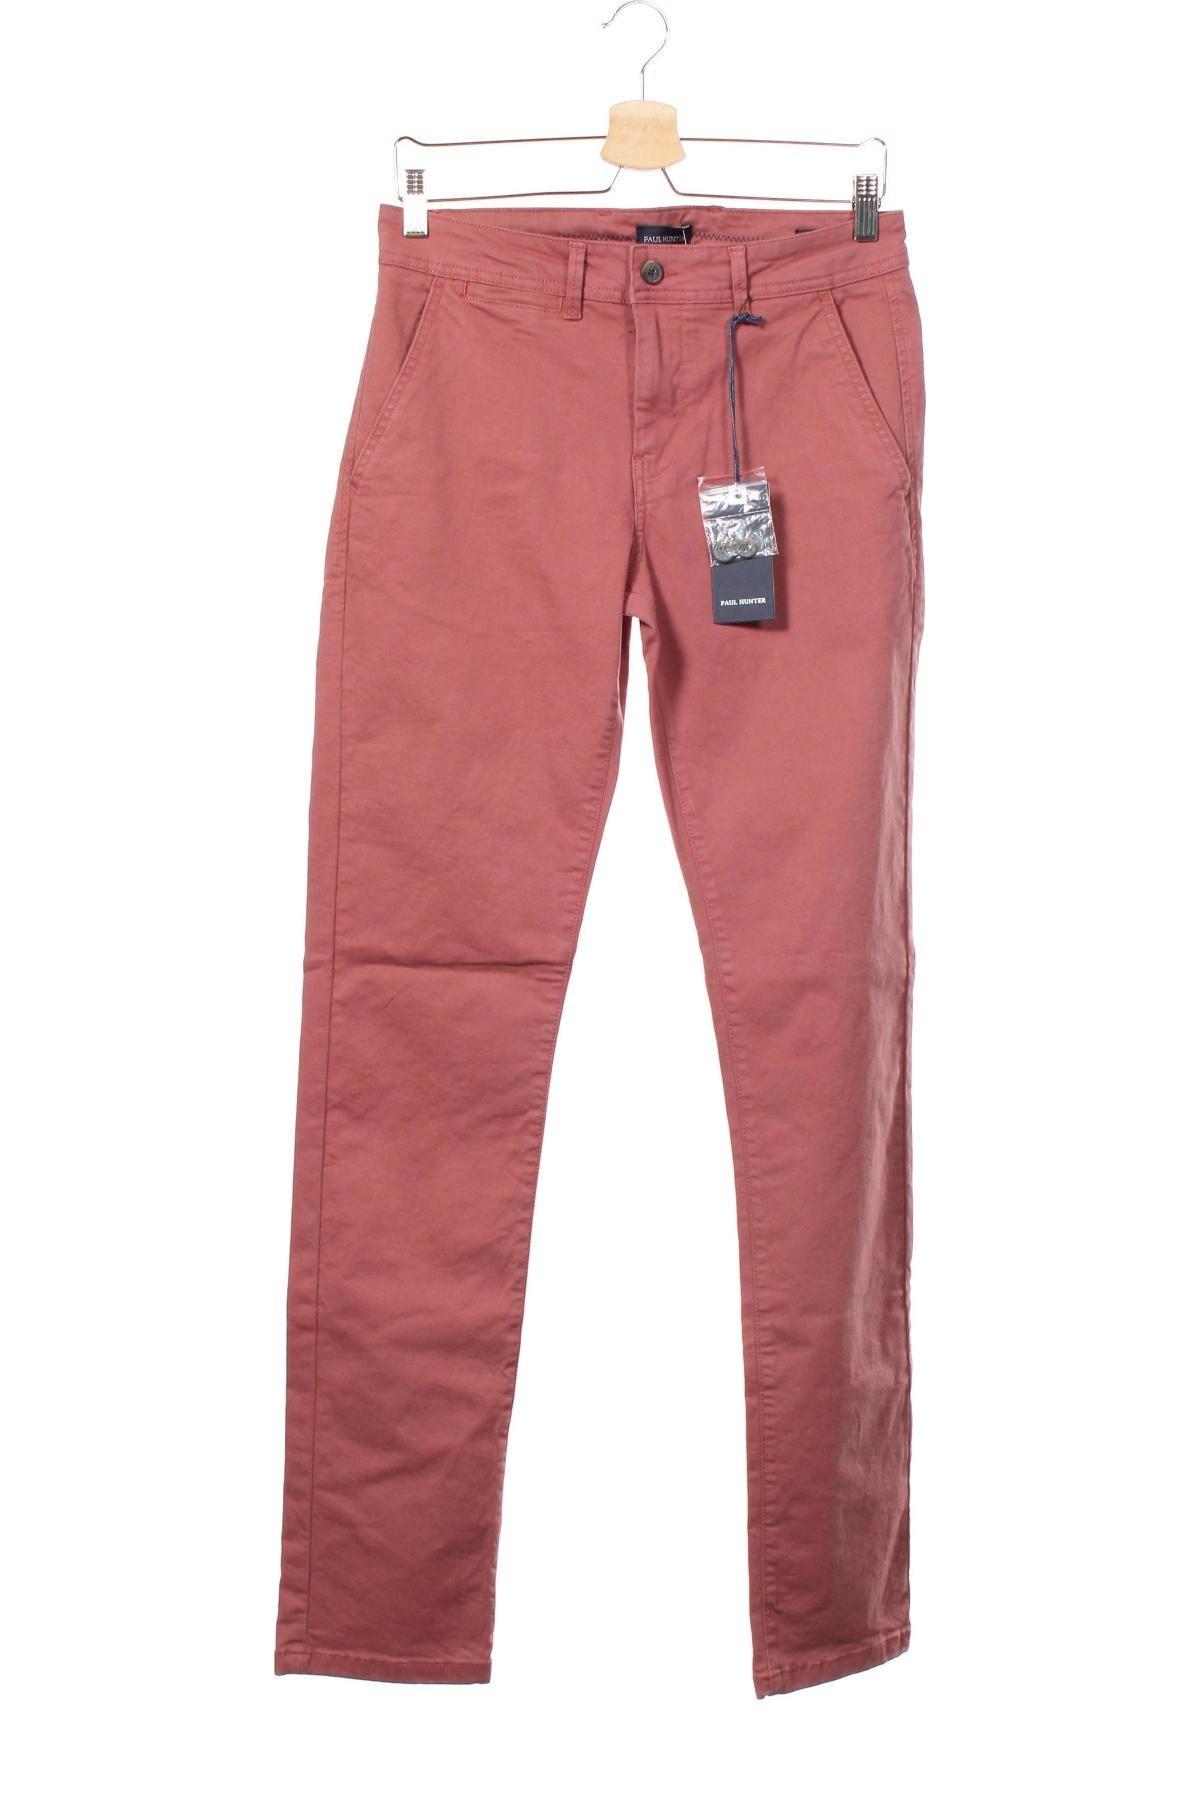 Мъжки панталон Paul Hunter, Размер S, Цвят Розов, 97% памук, 3% еластан, Цена 27,03лв.